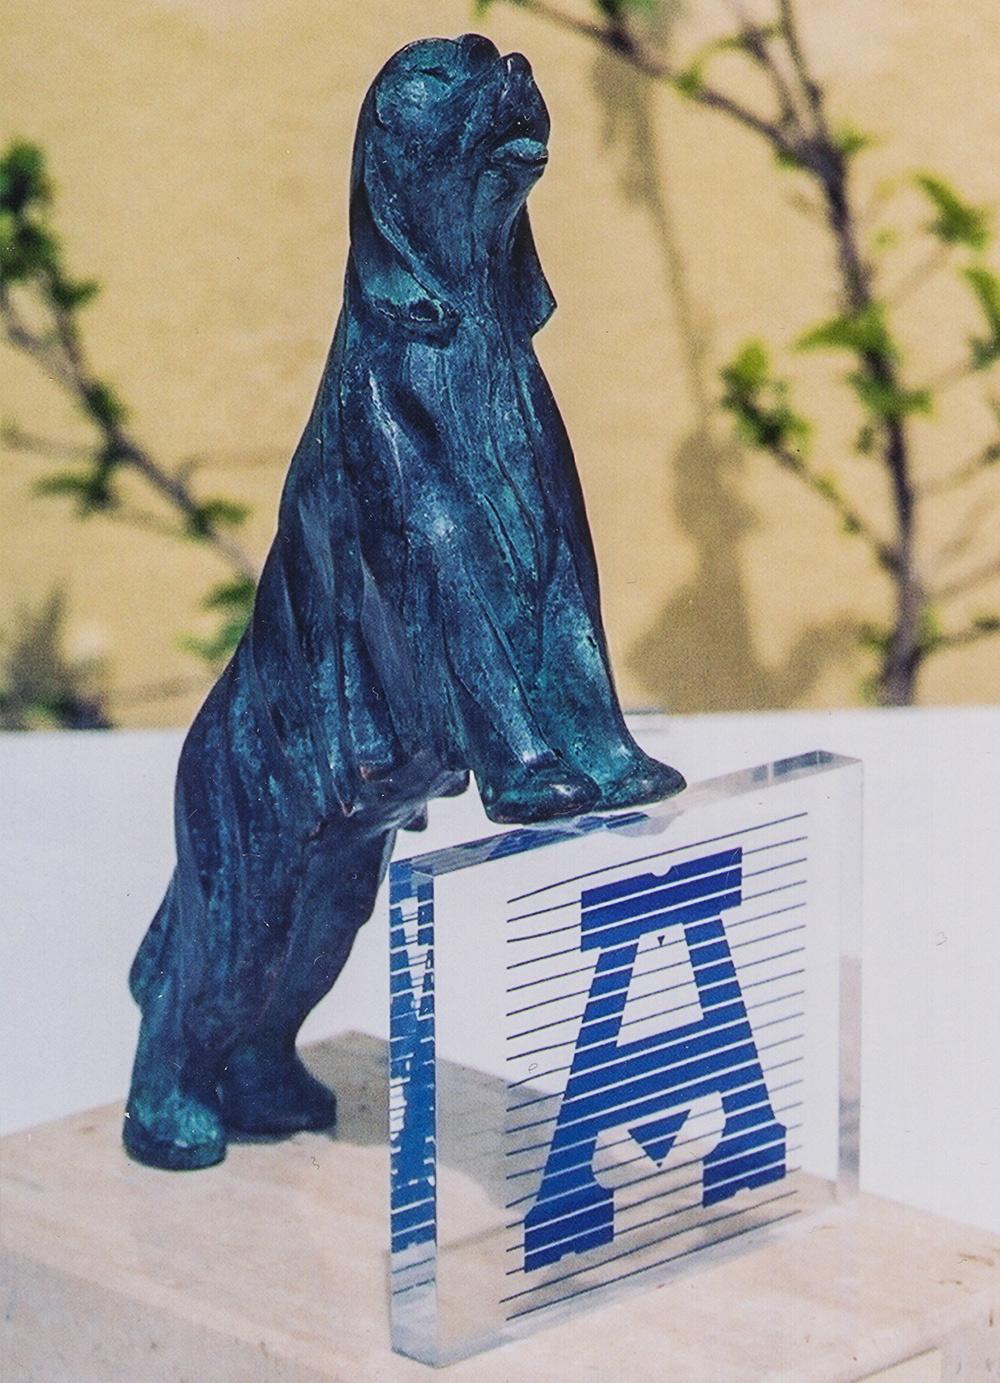 Escultura-Artero-A-Encargos-RD.Escultor